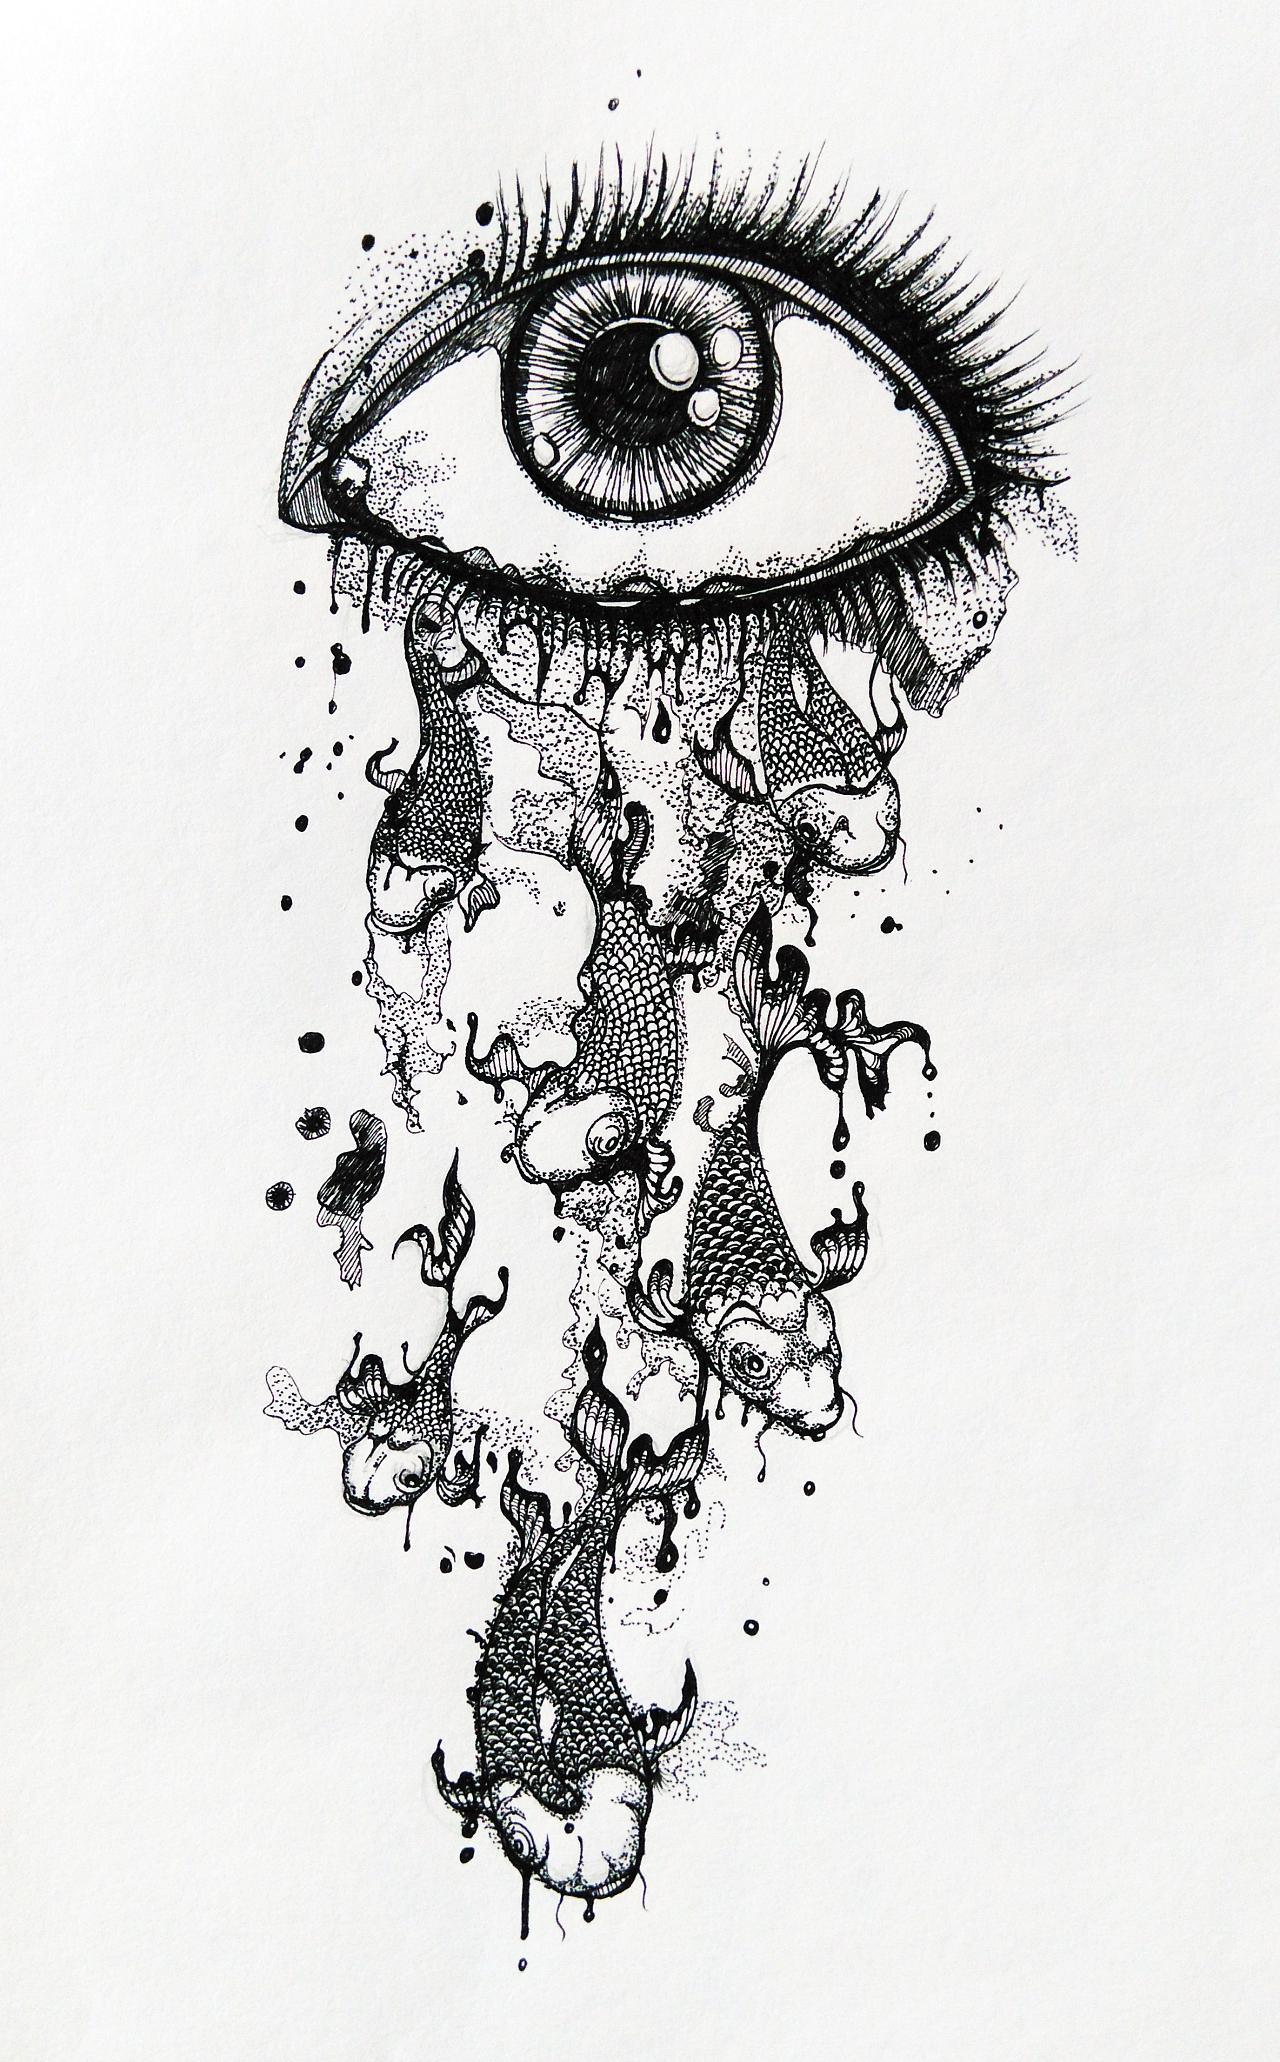 一些黑白手绘-1 插画 插画习作 立体构成 - 原创作品